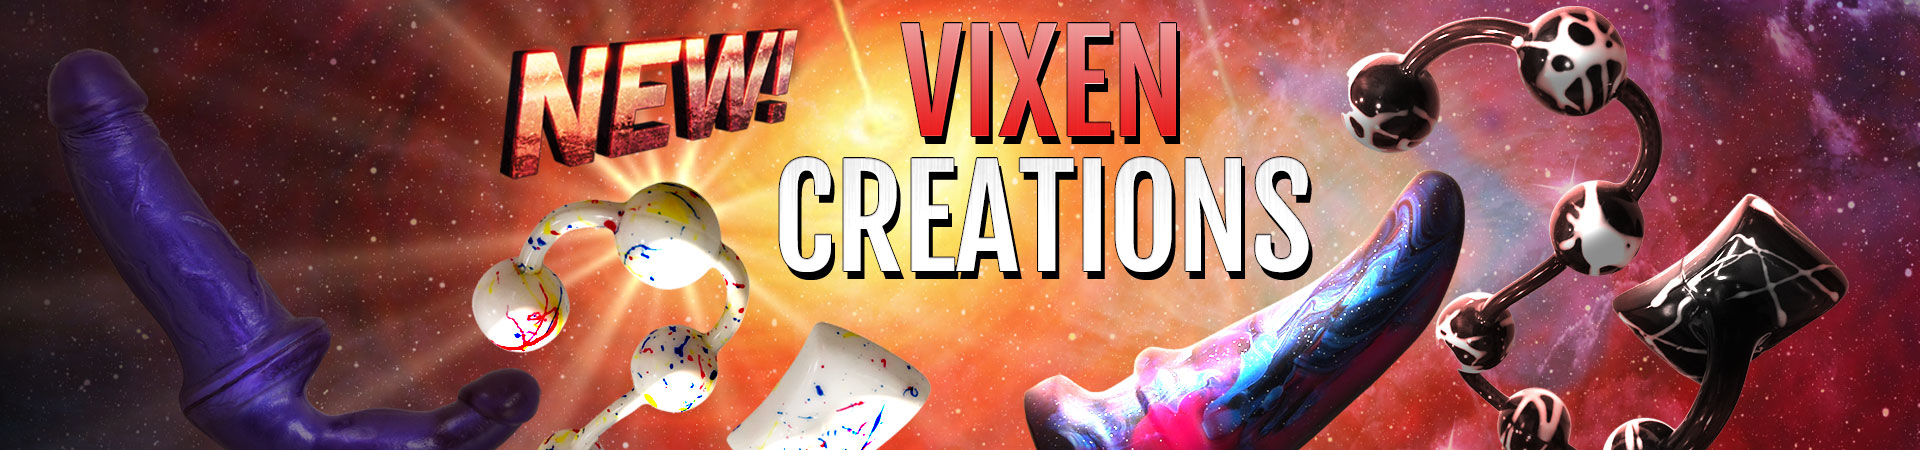 New Vixen Creations!